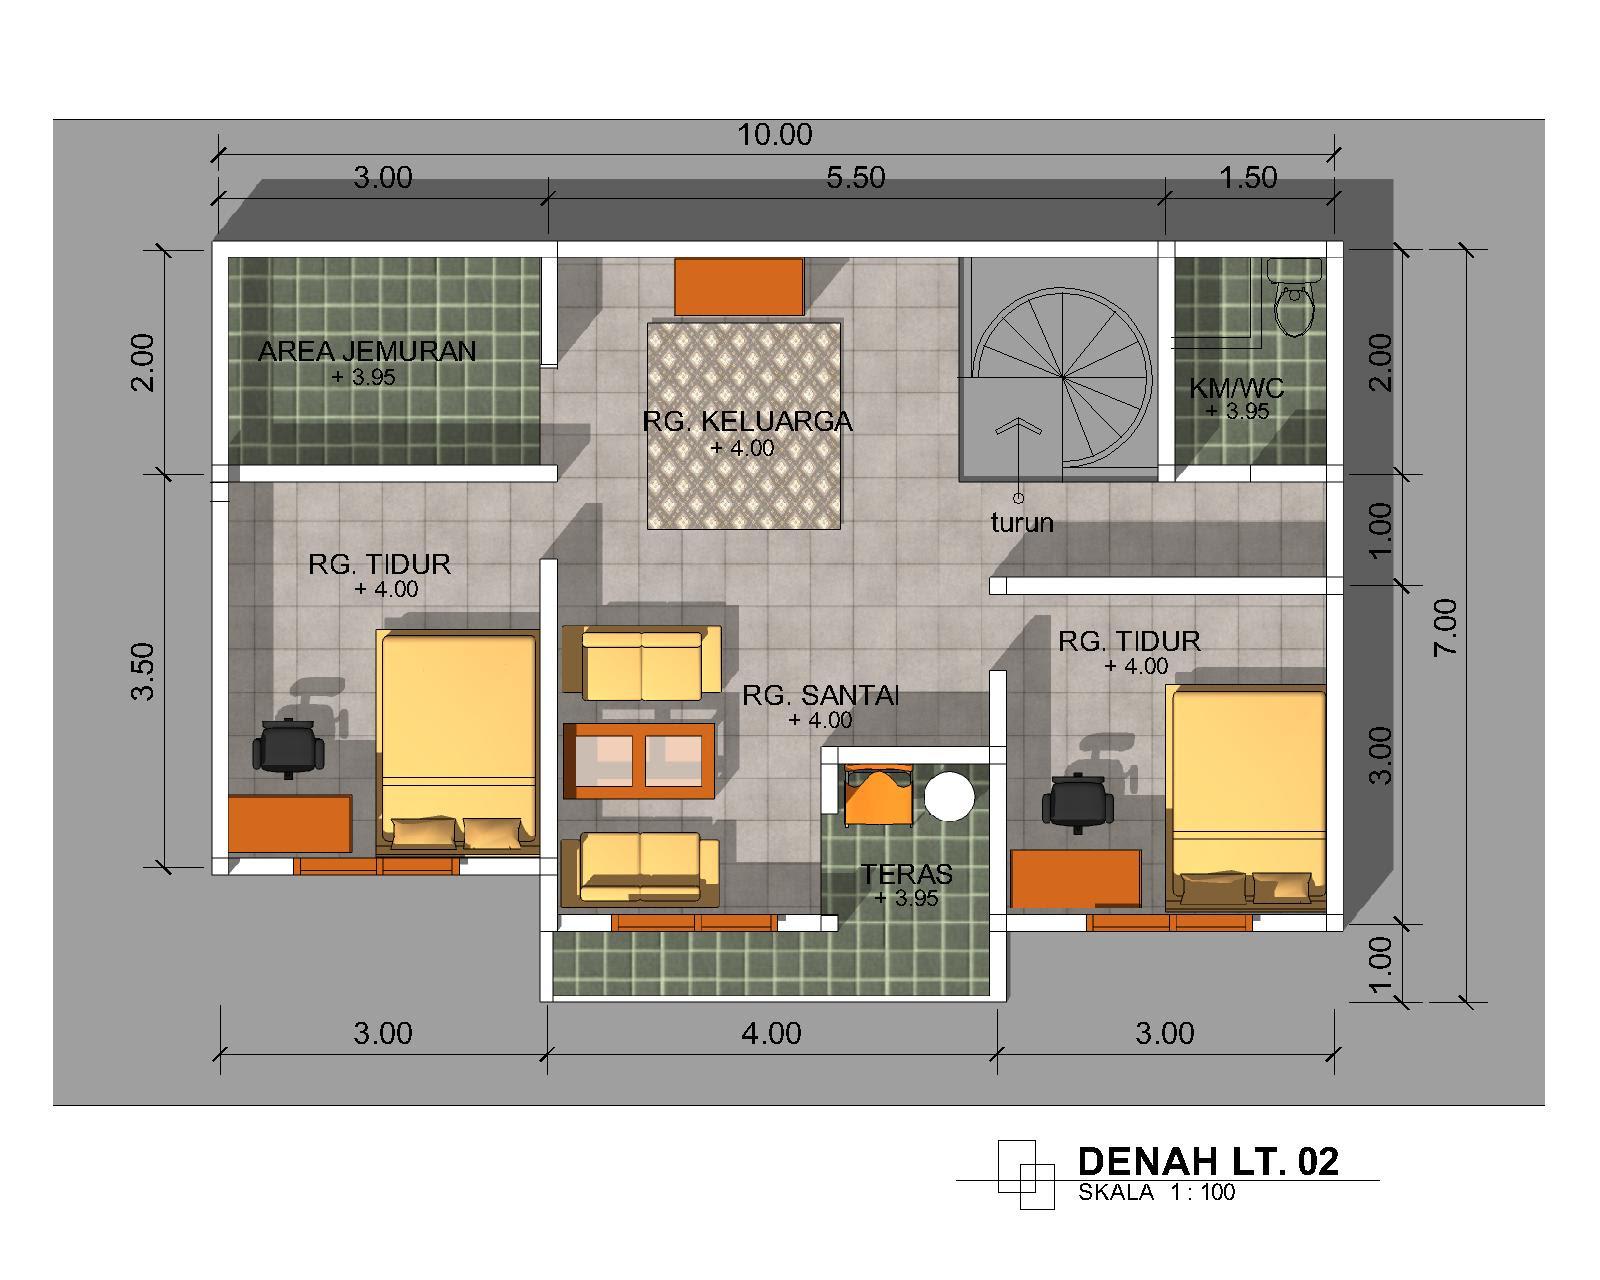 Denah Sketsa Rumah Minimalis 9 Desain Rumah Minimalis